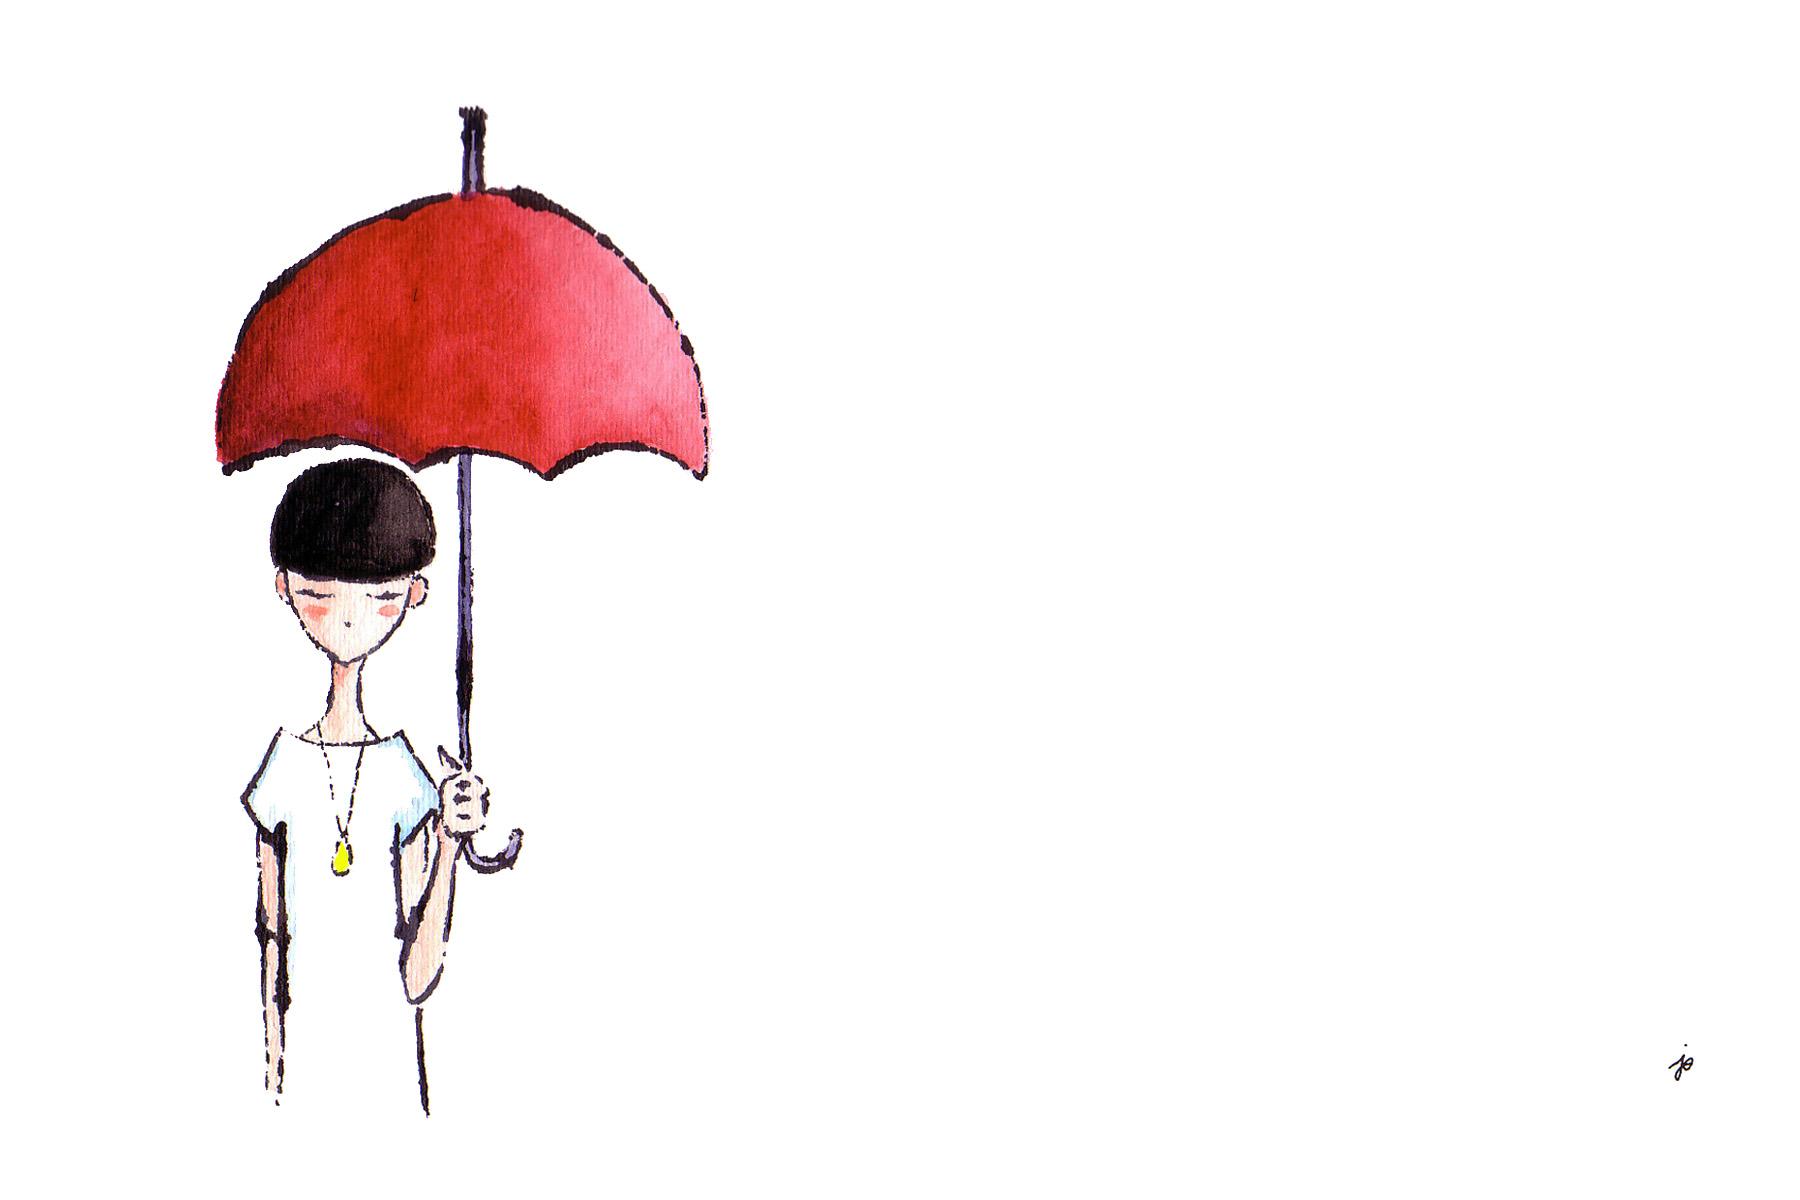 js_ringo-chan umbrella.jpg